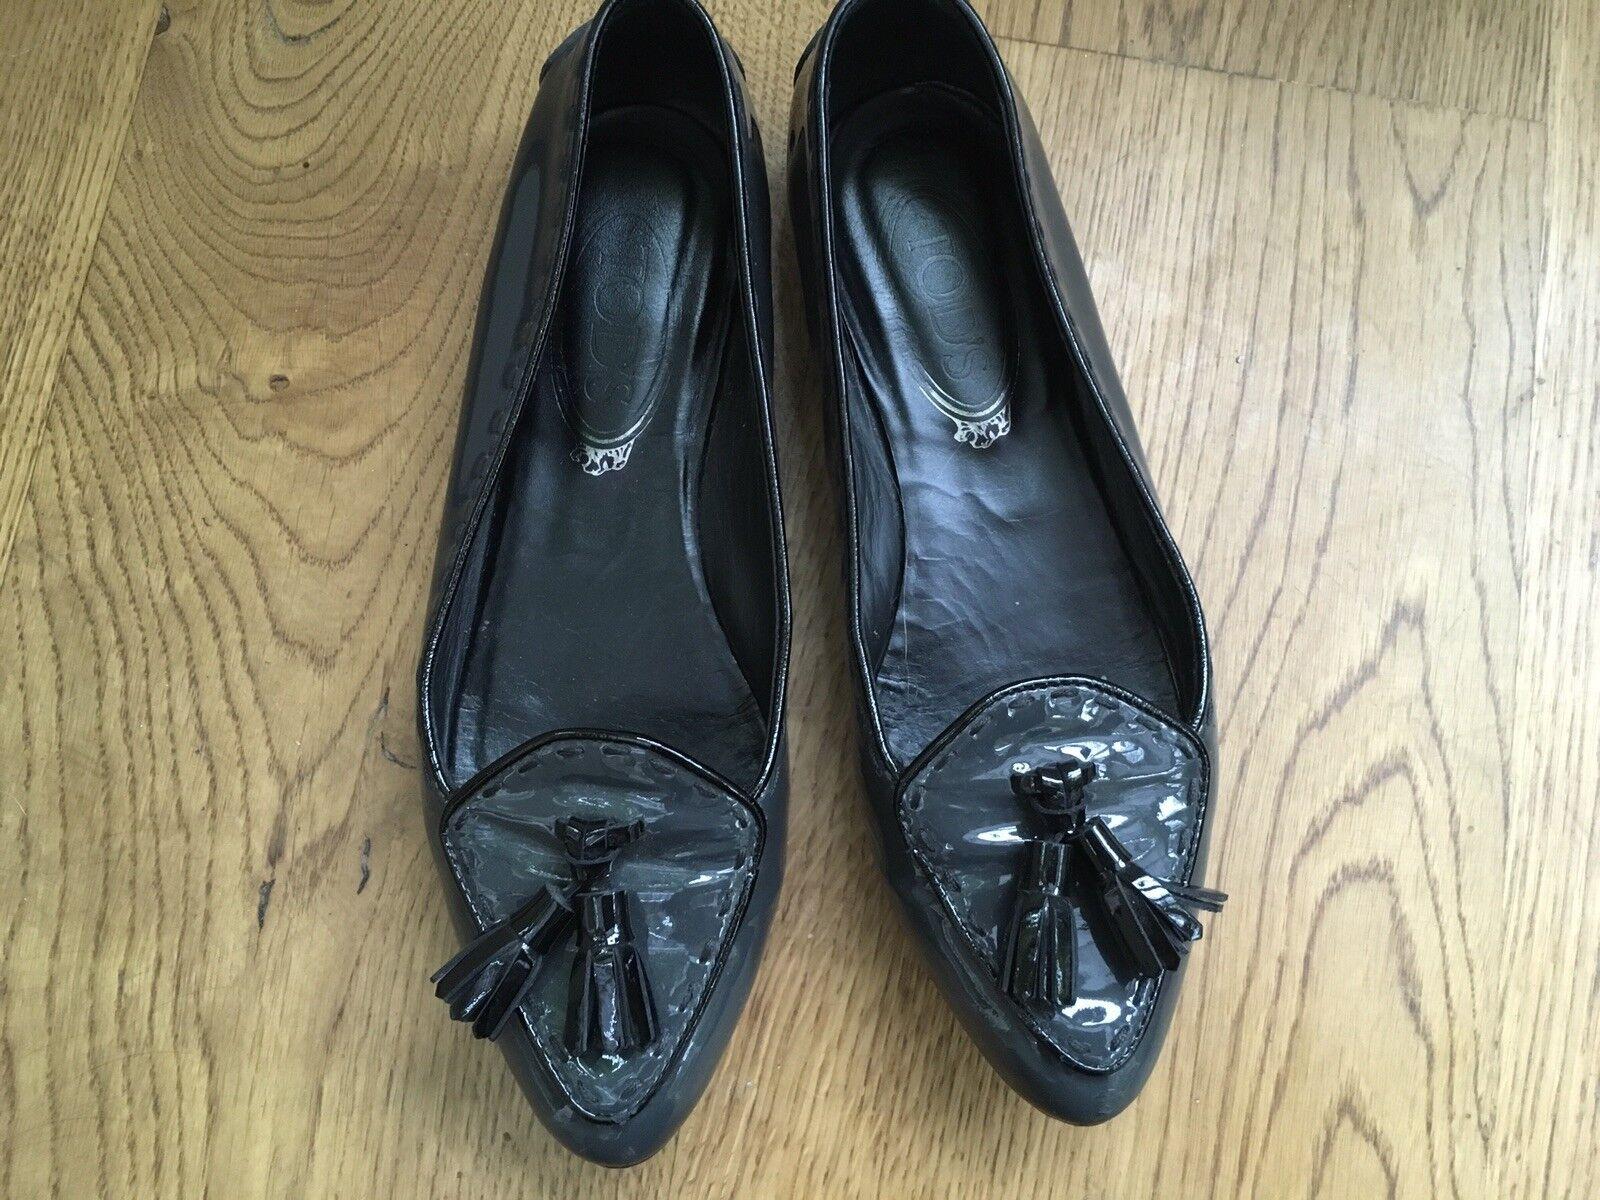 Sconto del 70% TOD'S TOD'S TOD'S brevetto in pelle nappa mocassini scarpe taglia 36 US 6  grande sconto